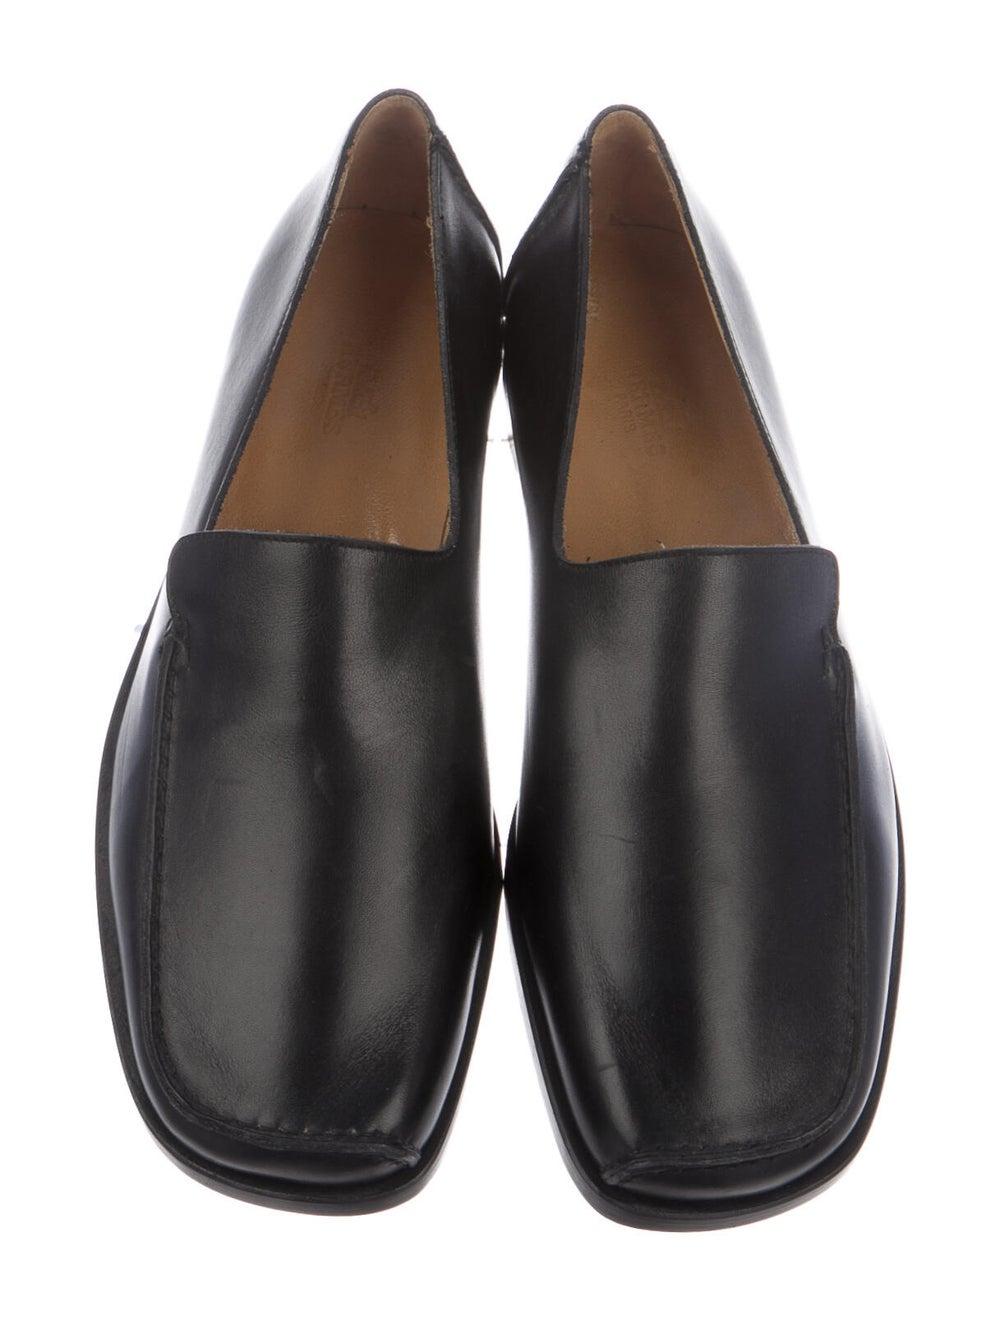 Hermès Loafers Black - image 3